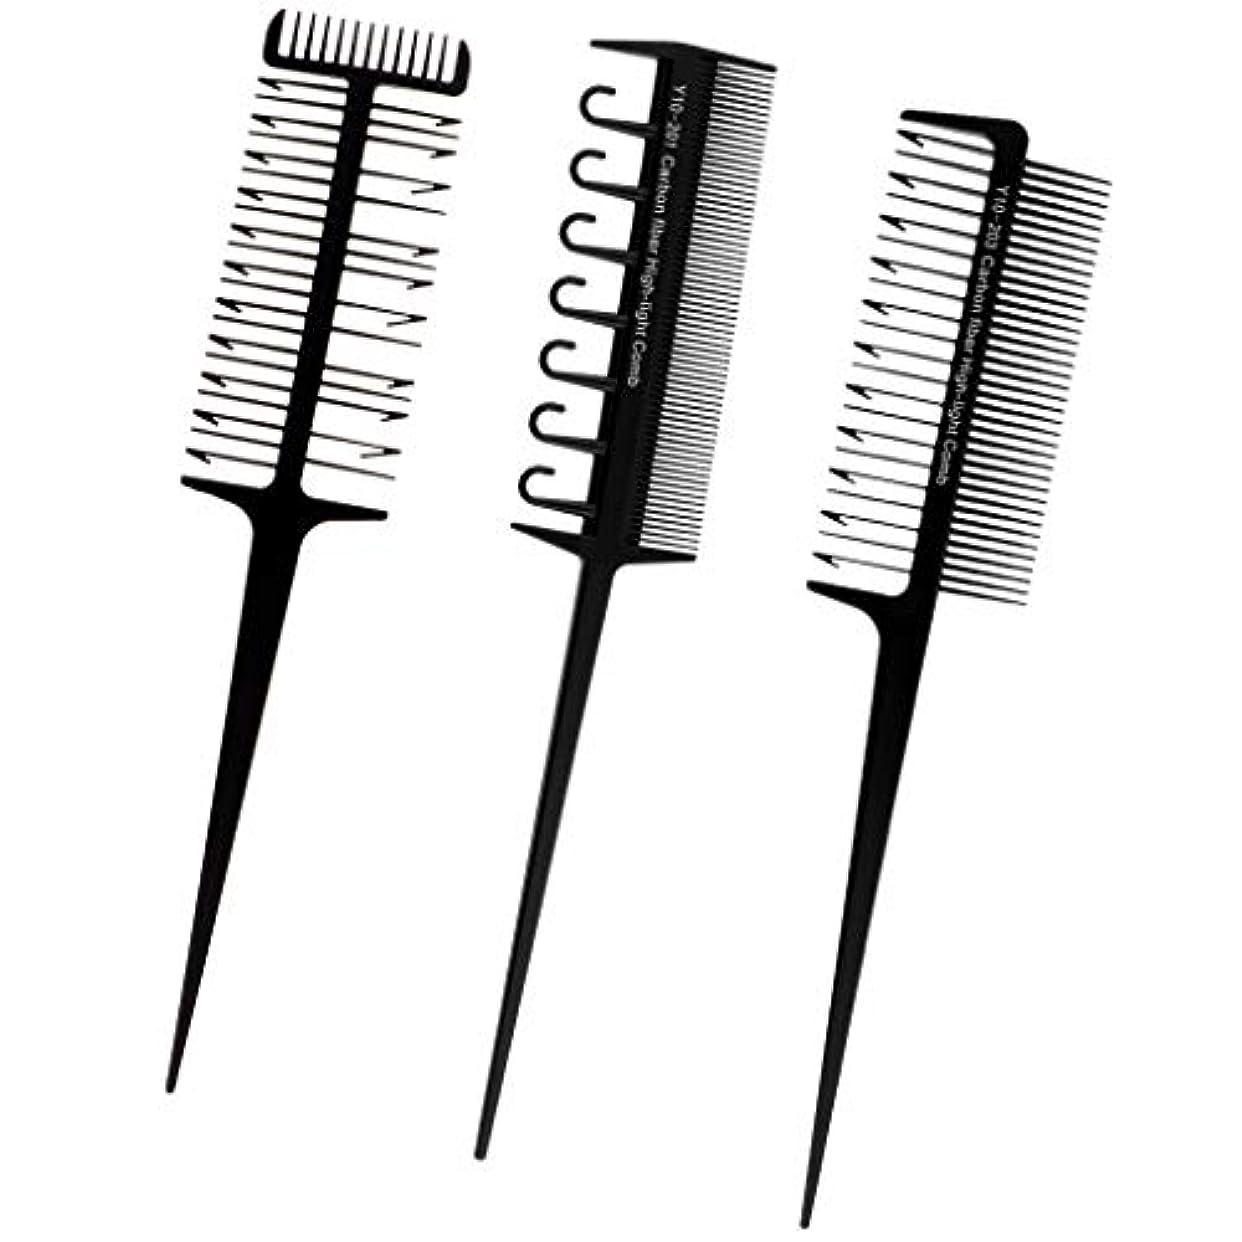 挽く主人虫へアカラーセット 3本セット ヘアダイブラシ DIY髪染め用 サロン 美髪師用 ヘアカラーの用具